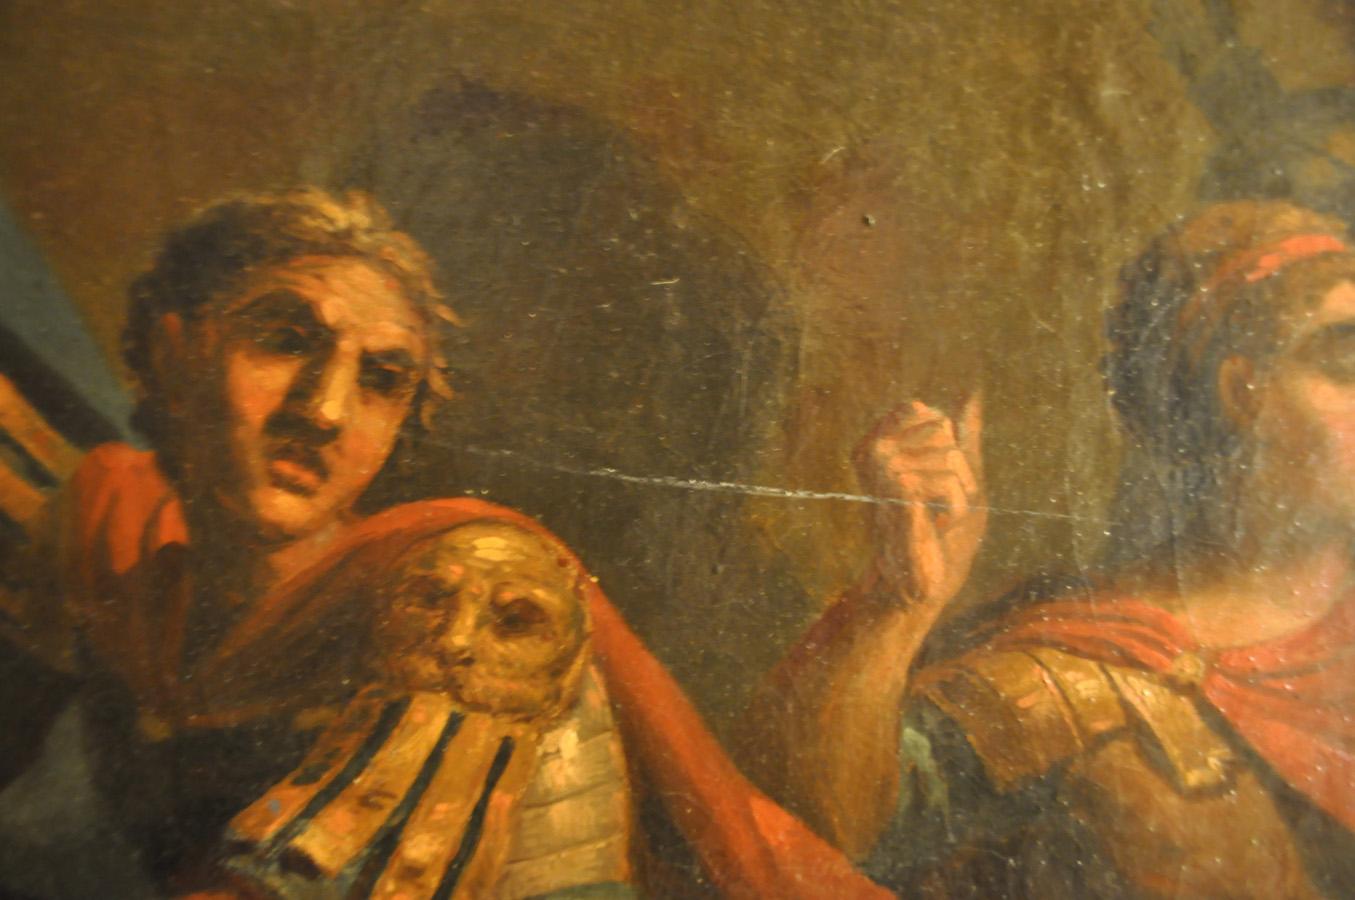 Detalj av den antik målning av Hasselgren.